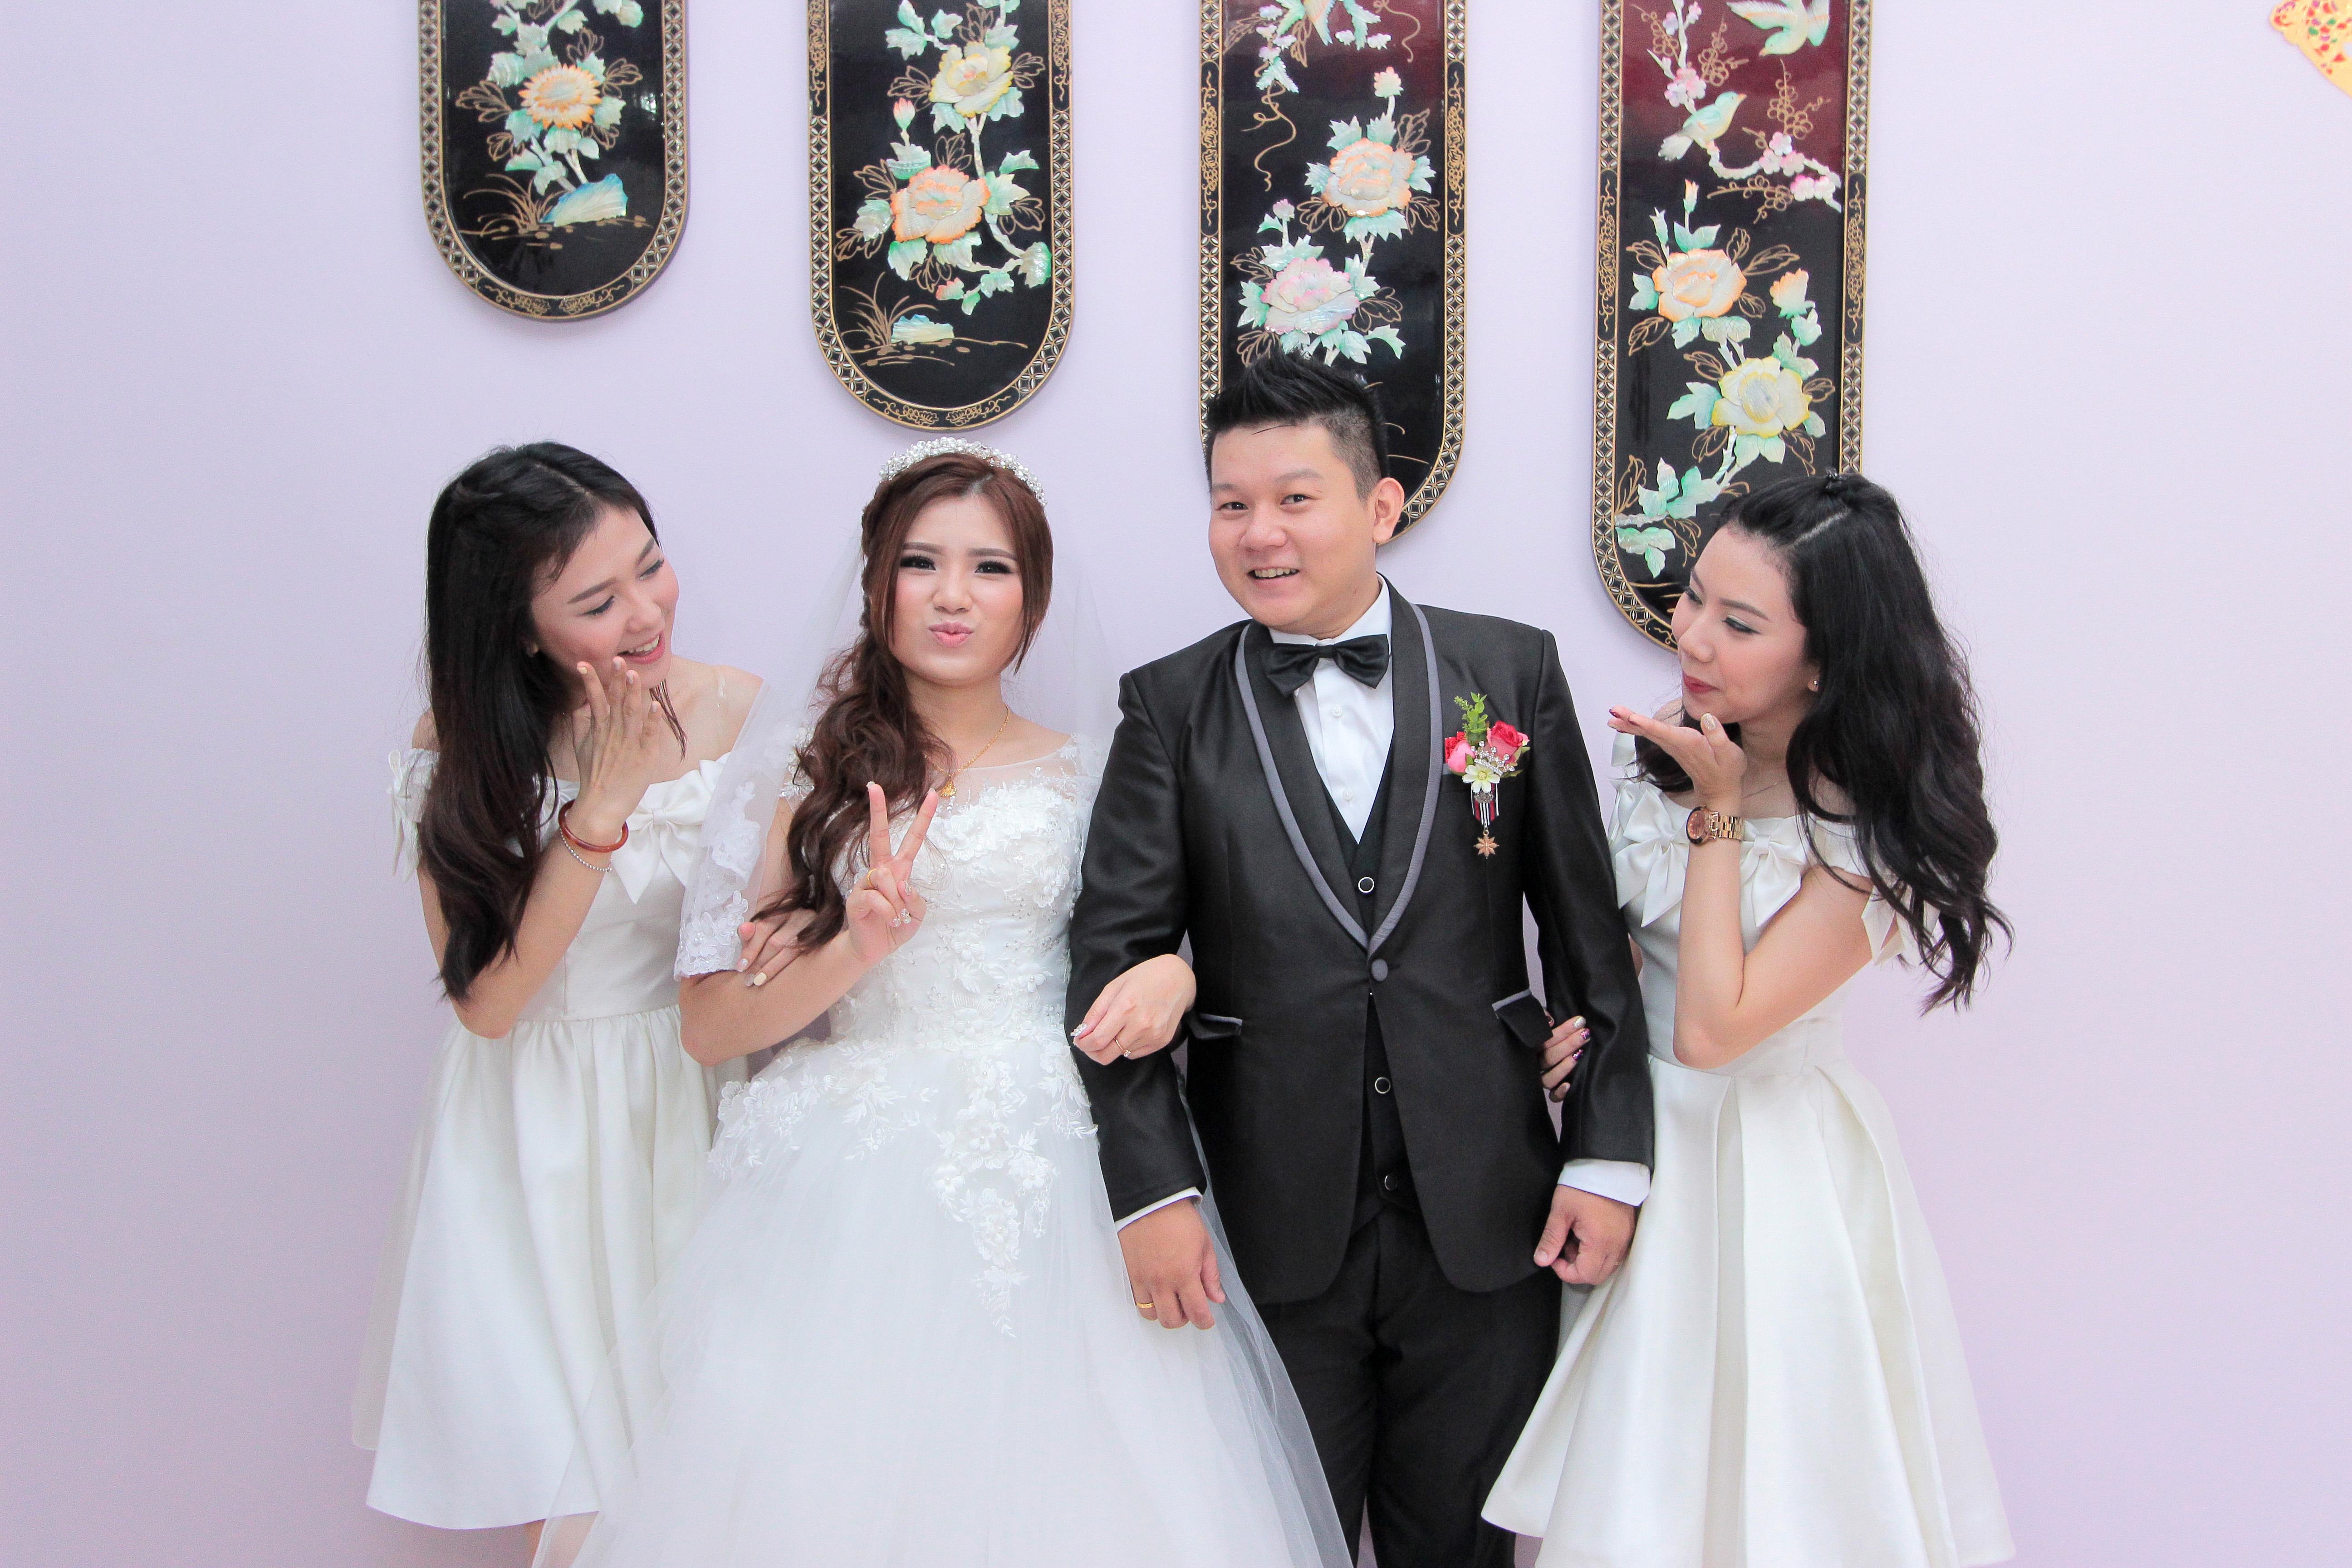 venus photography | Wedding Photography in Tanjung Pinang | Bridestory.com